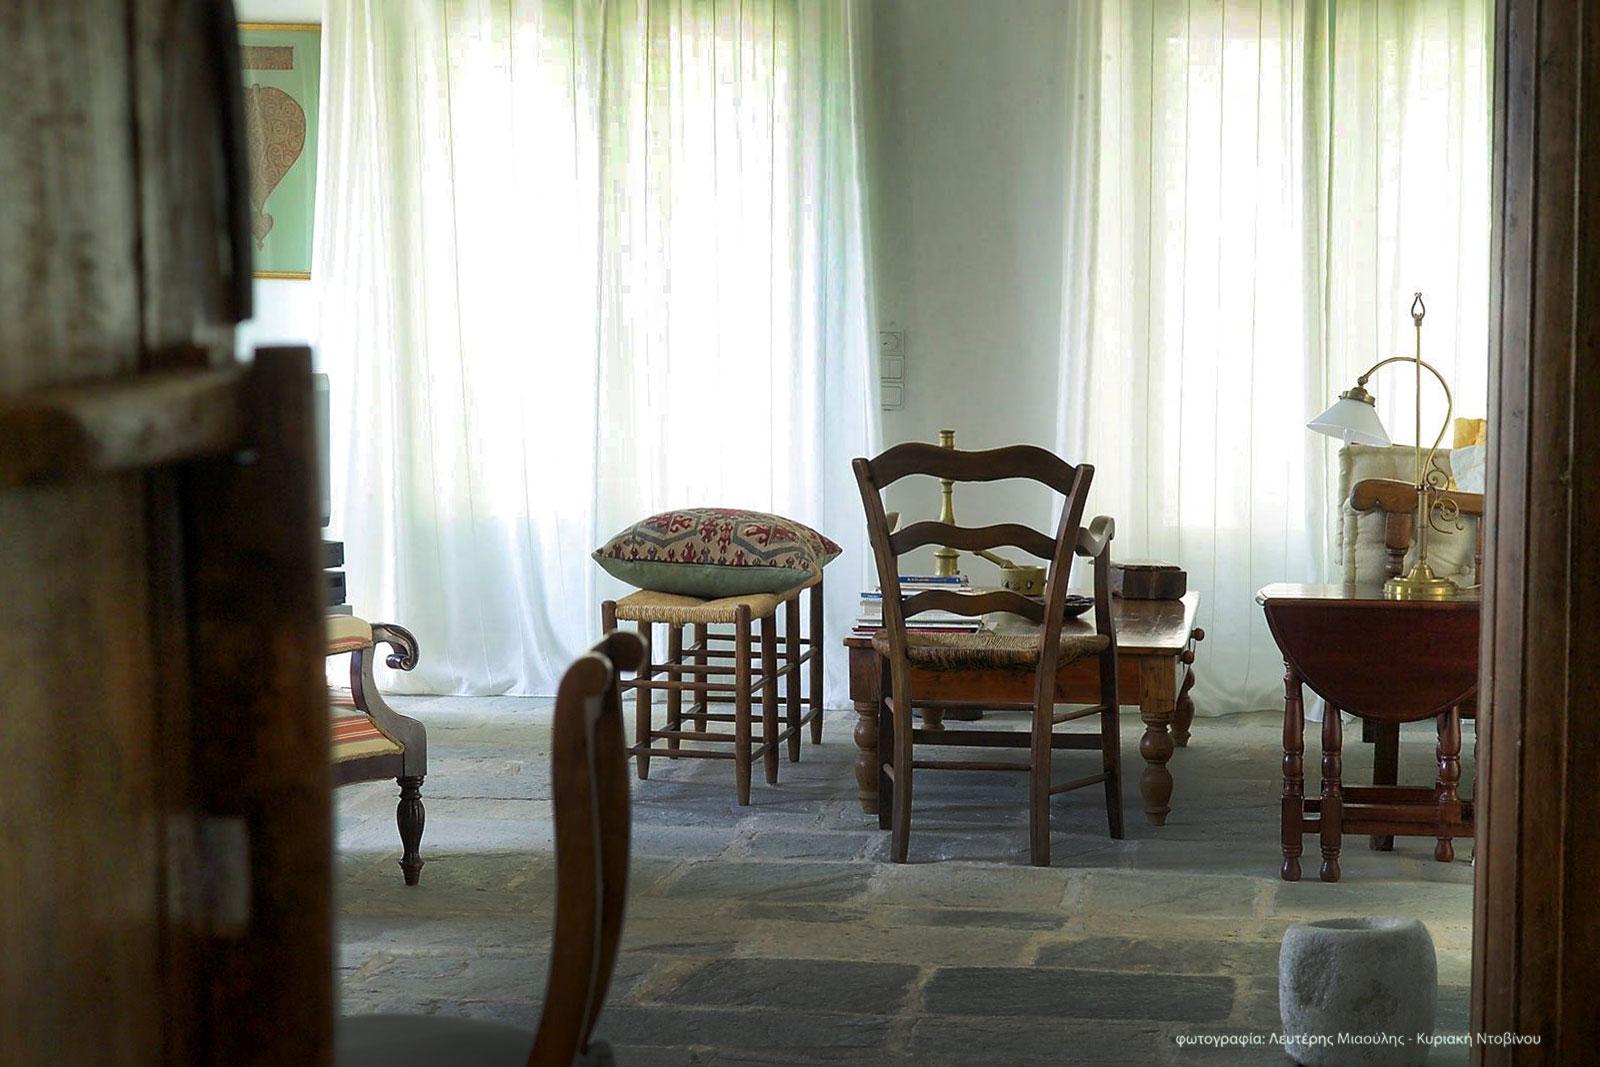 Πυθαγόρειο, Σάμος, Ανανέωση κατοικίας